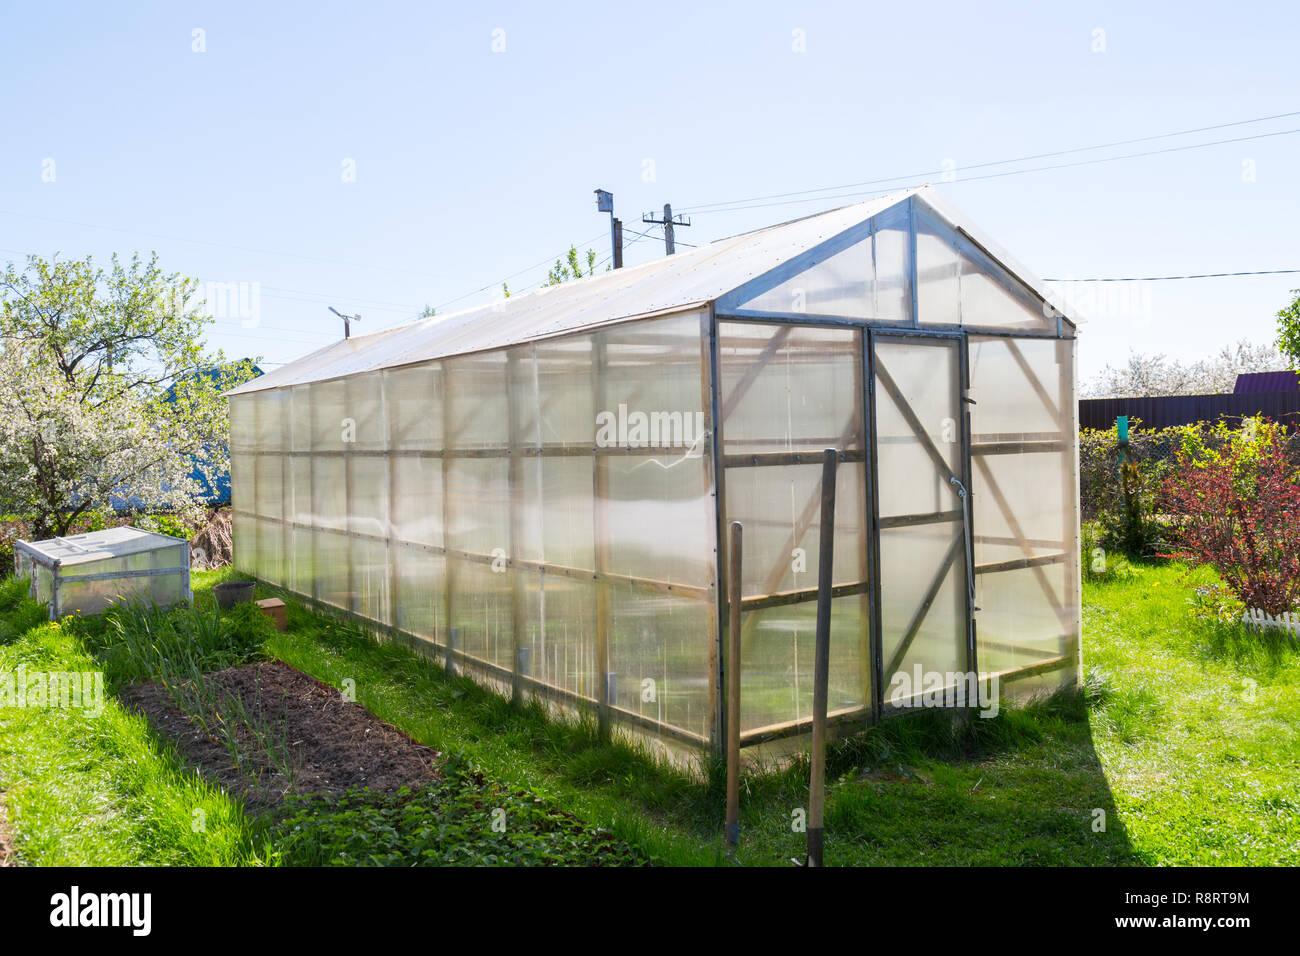 Holz Gewachshaus Mit Polycarbonat Im Garten Dreieckige Dach